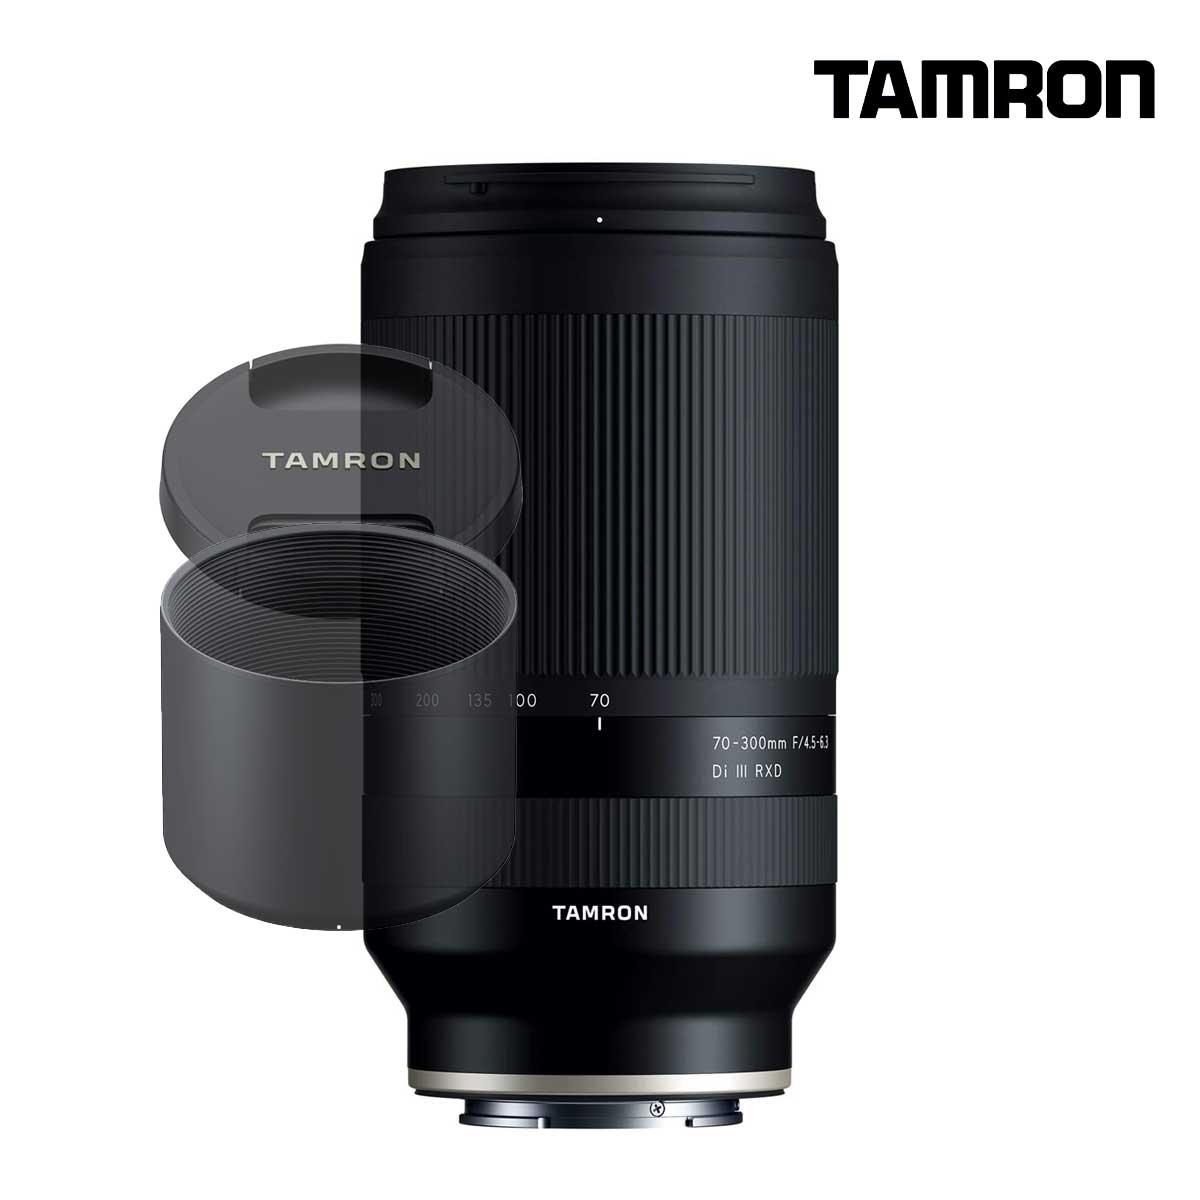 ㄴ탐론 70-300mm F4.5-6.3 Di III RXD A047 SONY FE용